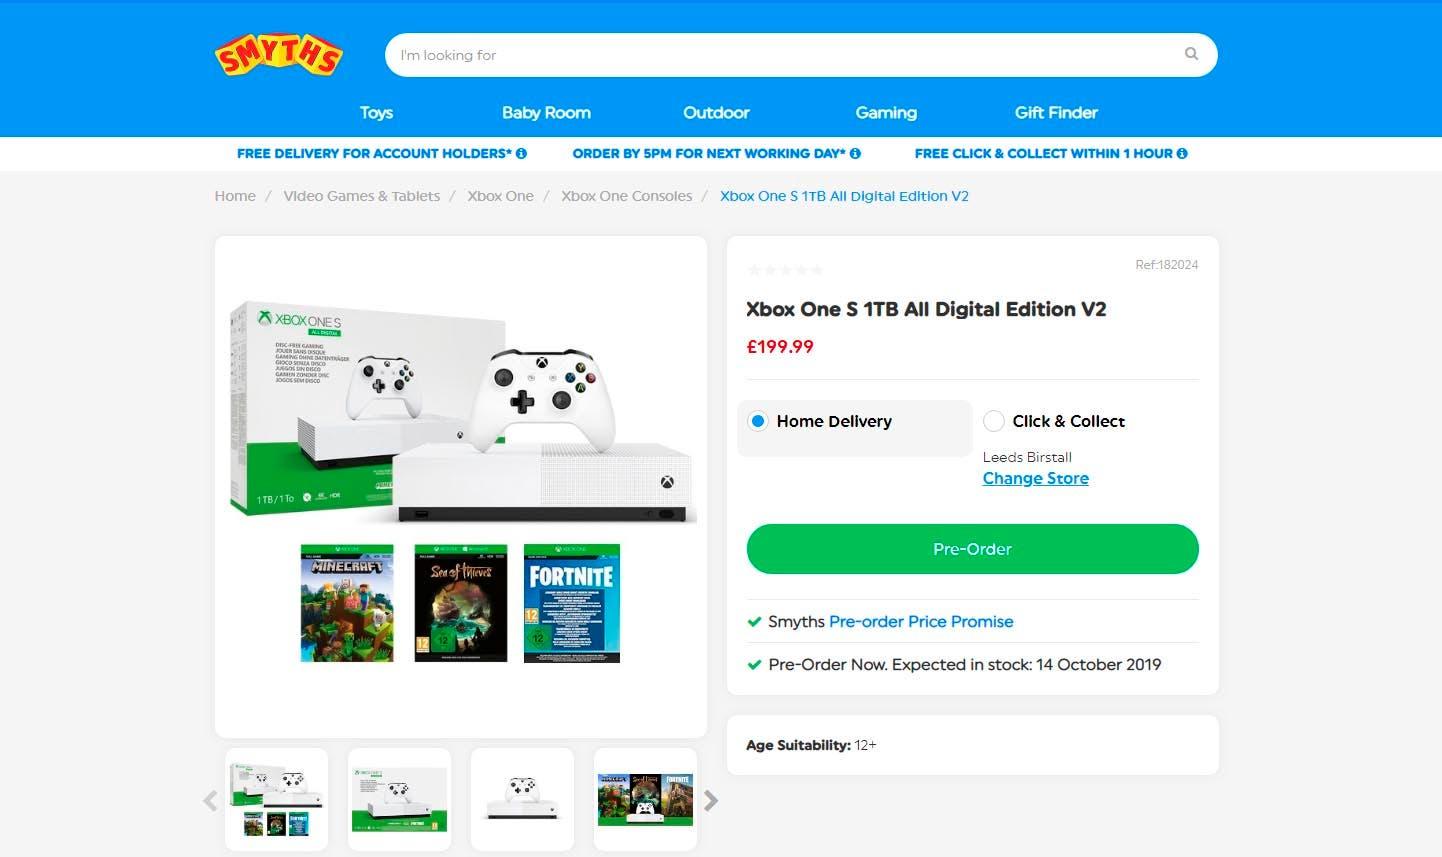 Una tienda descubre un nuevo bundle para la Xbox One S All-Digital Edition con Fortnite